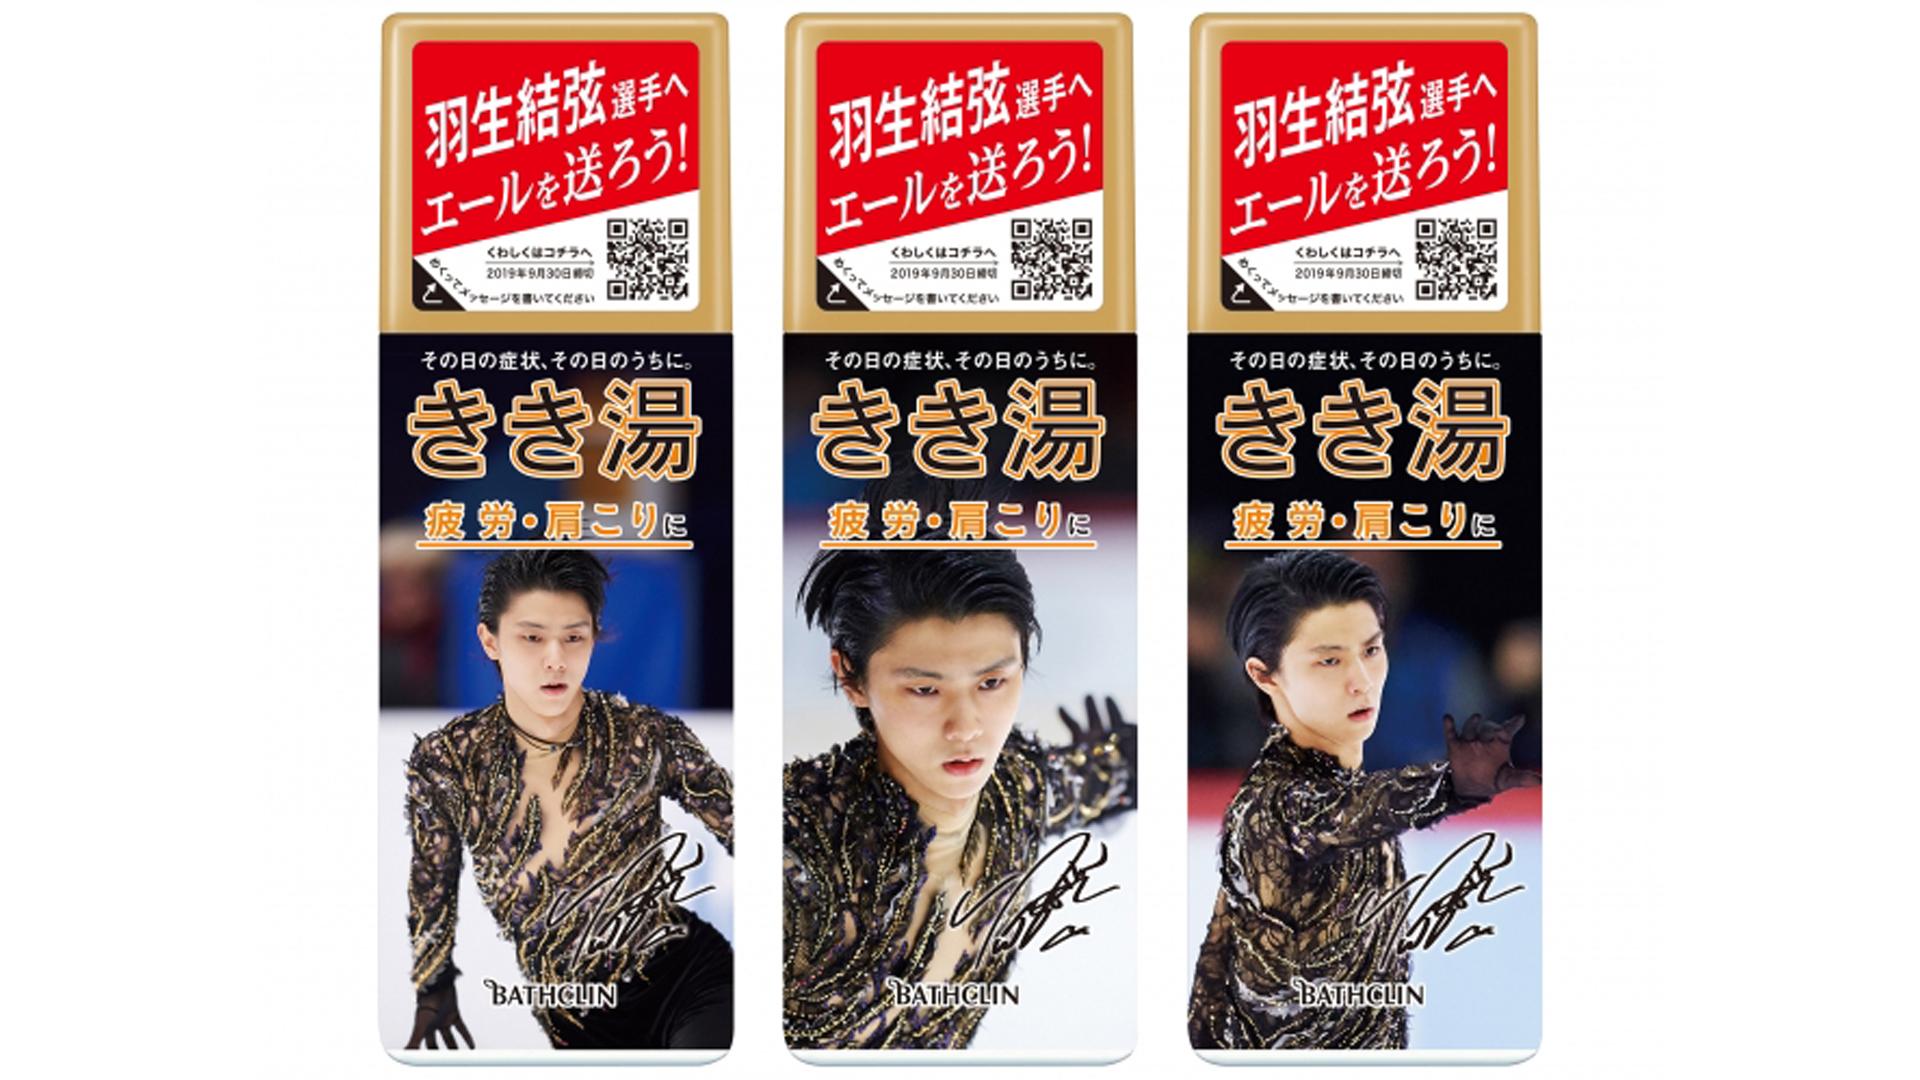 【「きき湯」羽生選手エールボトル発売】他、新着トレンド3月5日